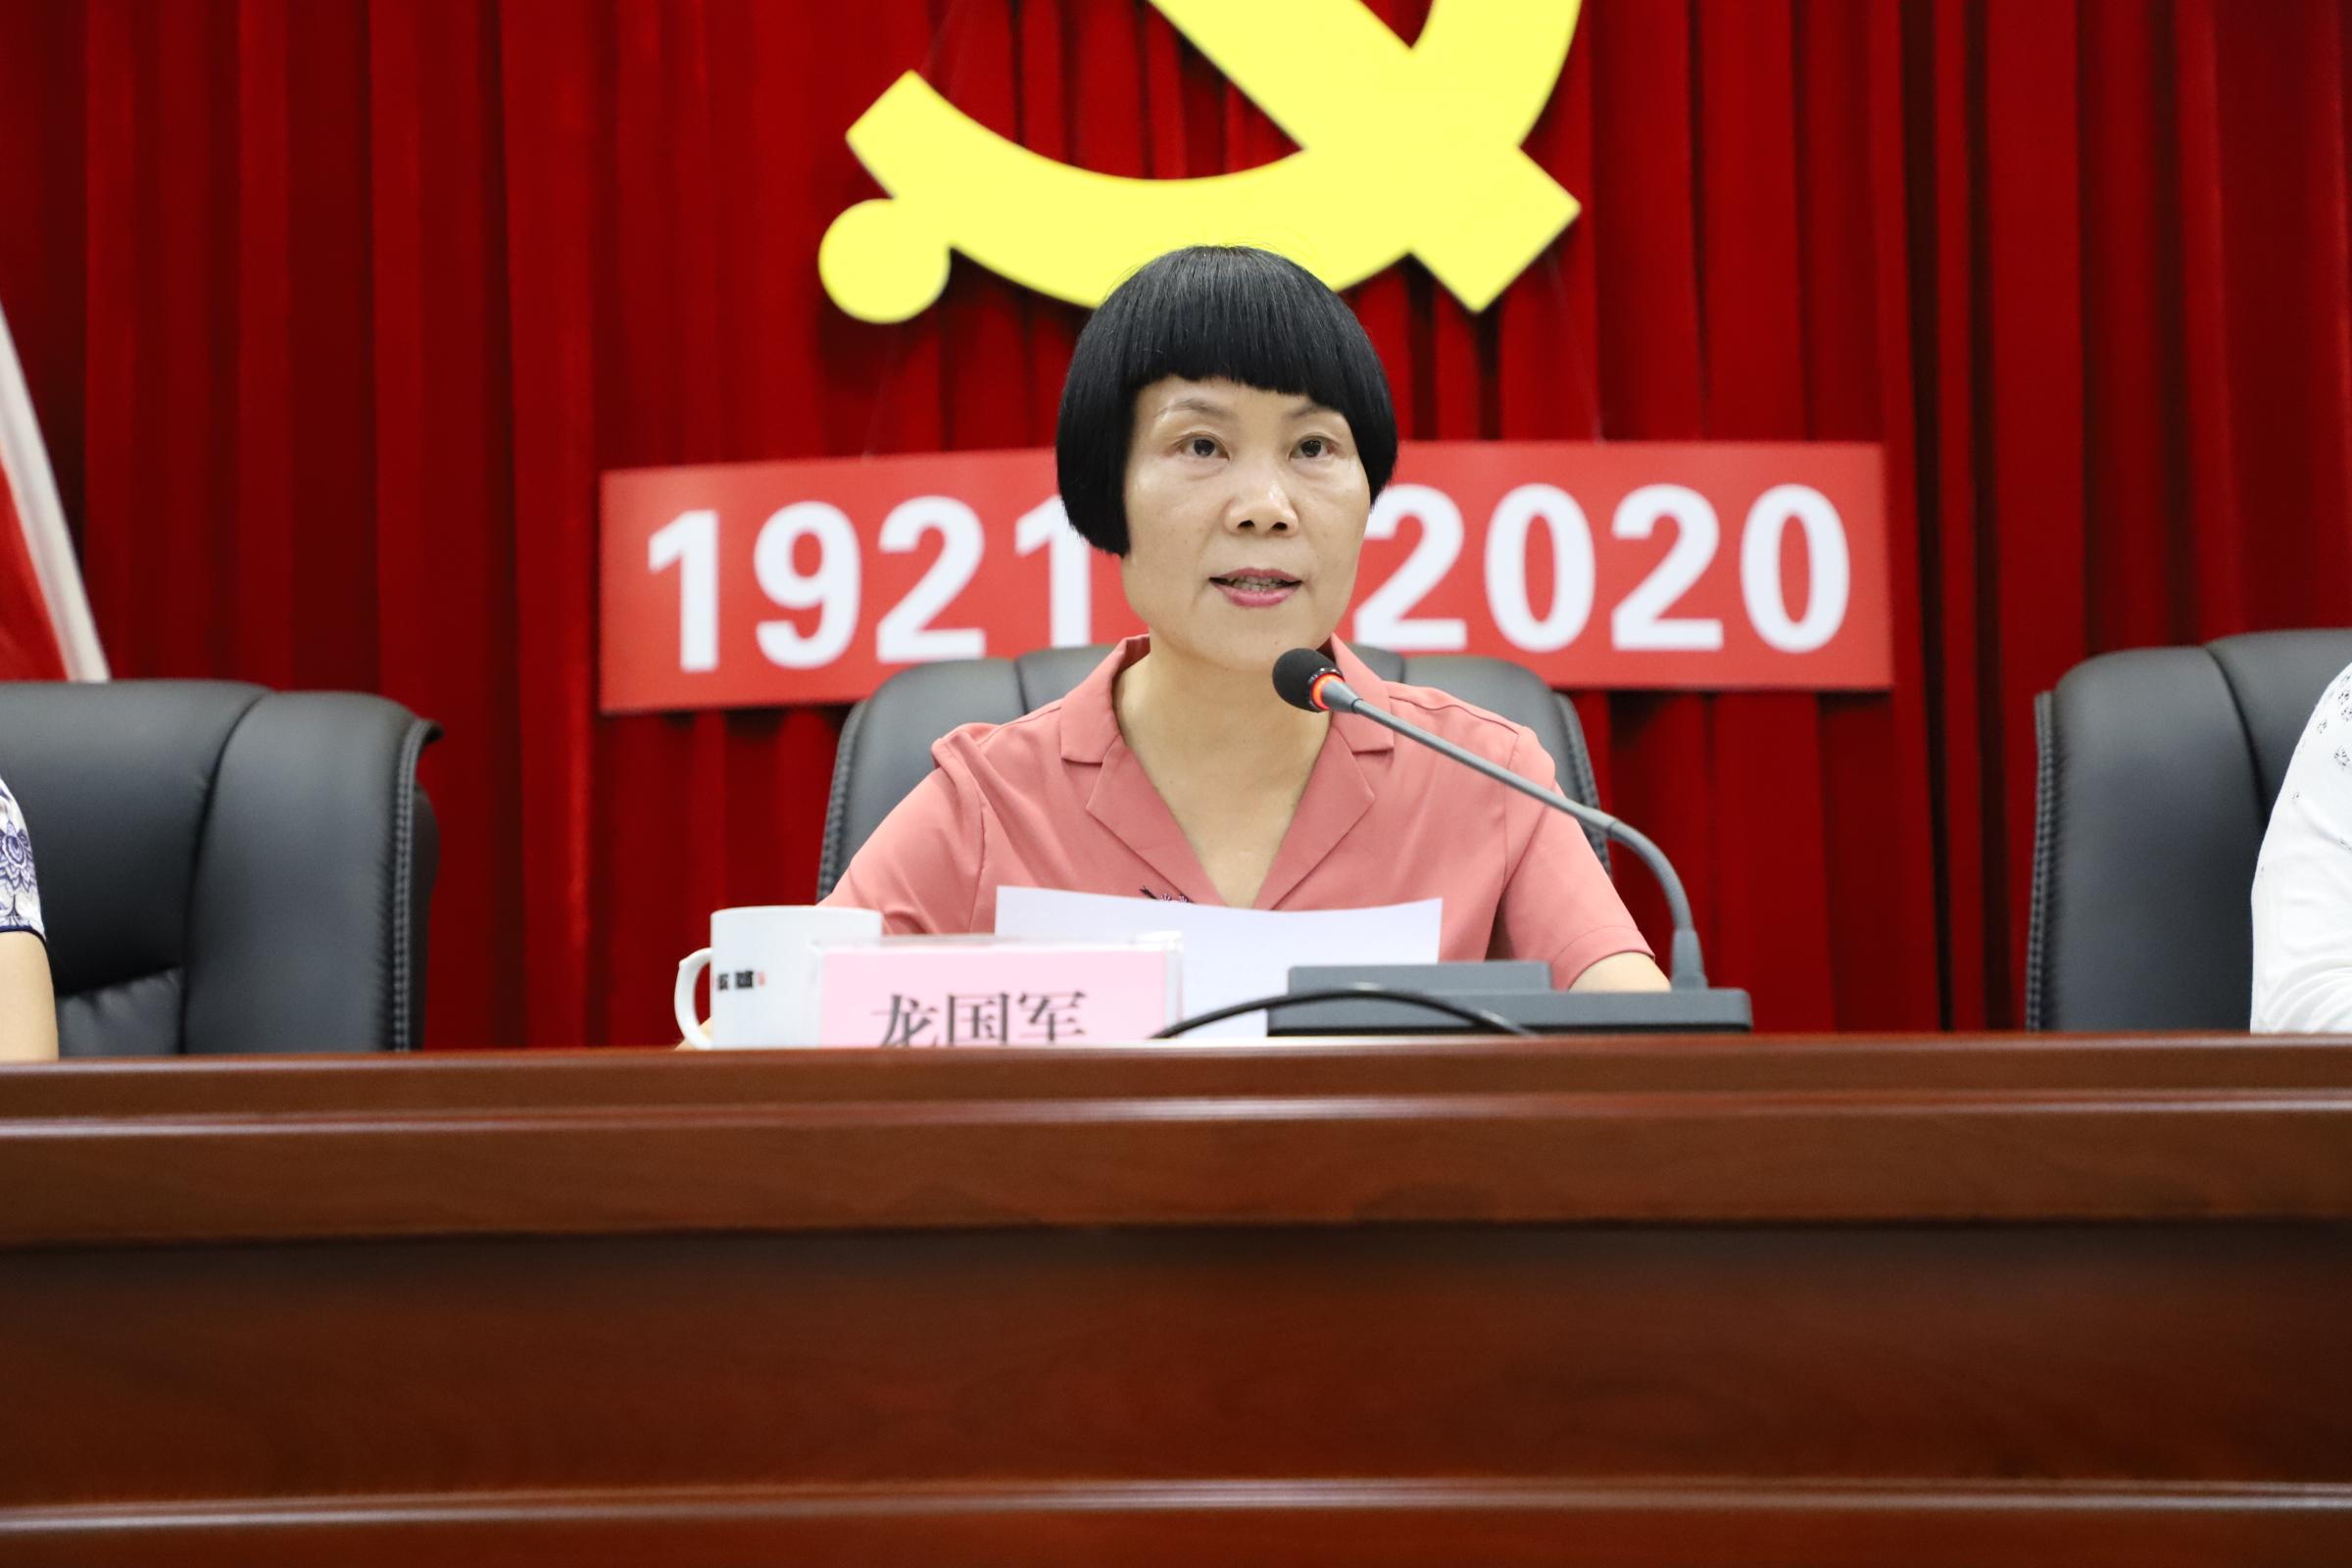 市市场监管局党组书记龙国军发表重要讲话.JPG